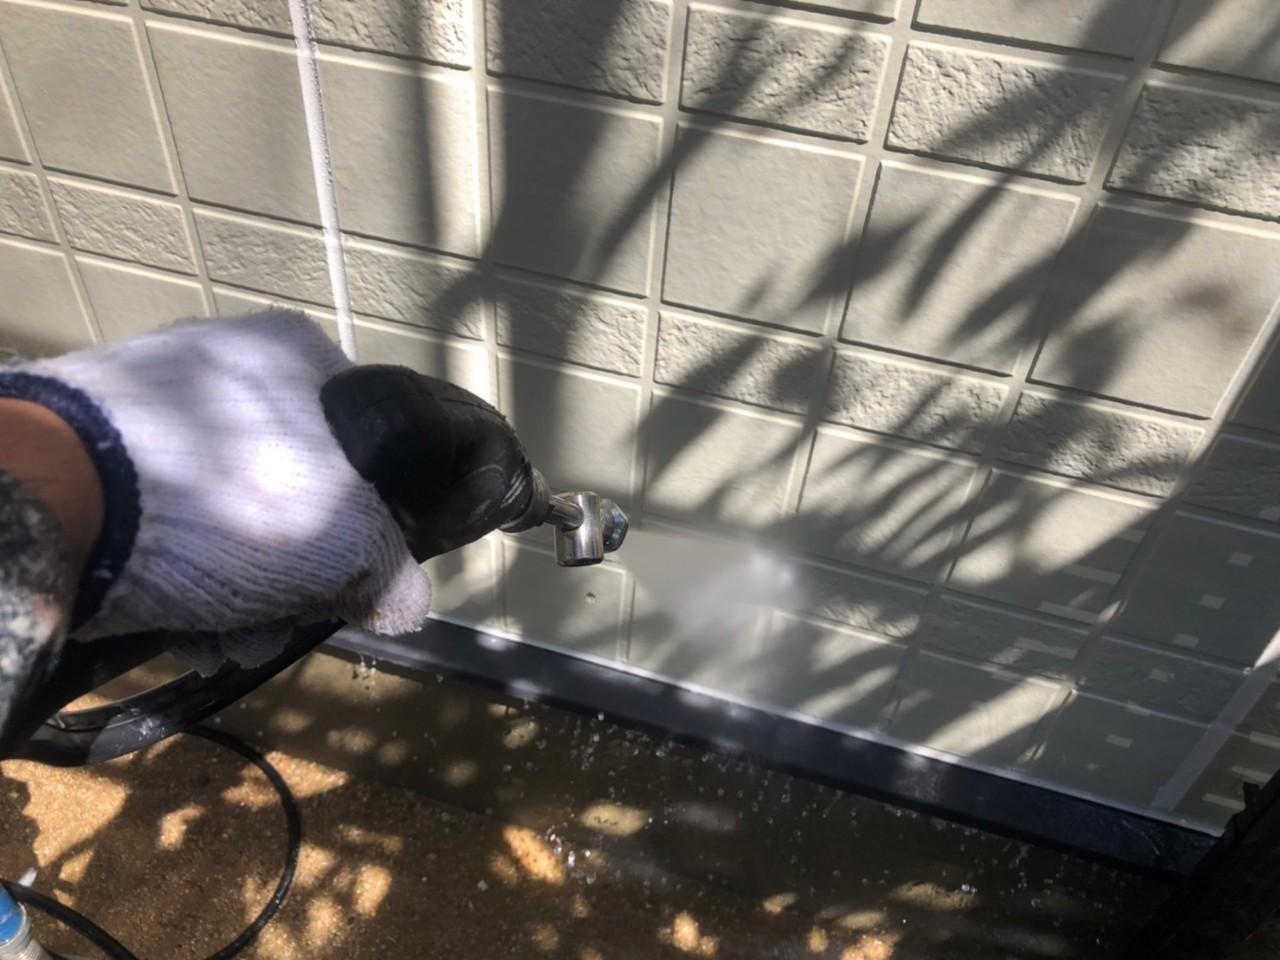 明石市で外壁塗り替え前に高圧洗浄している様子